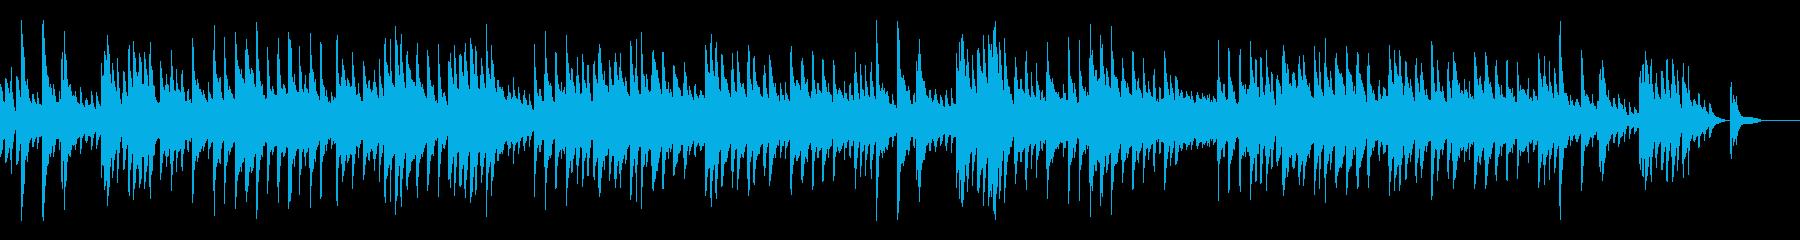 別離・感傷・ピアノの再生済みの波形